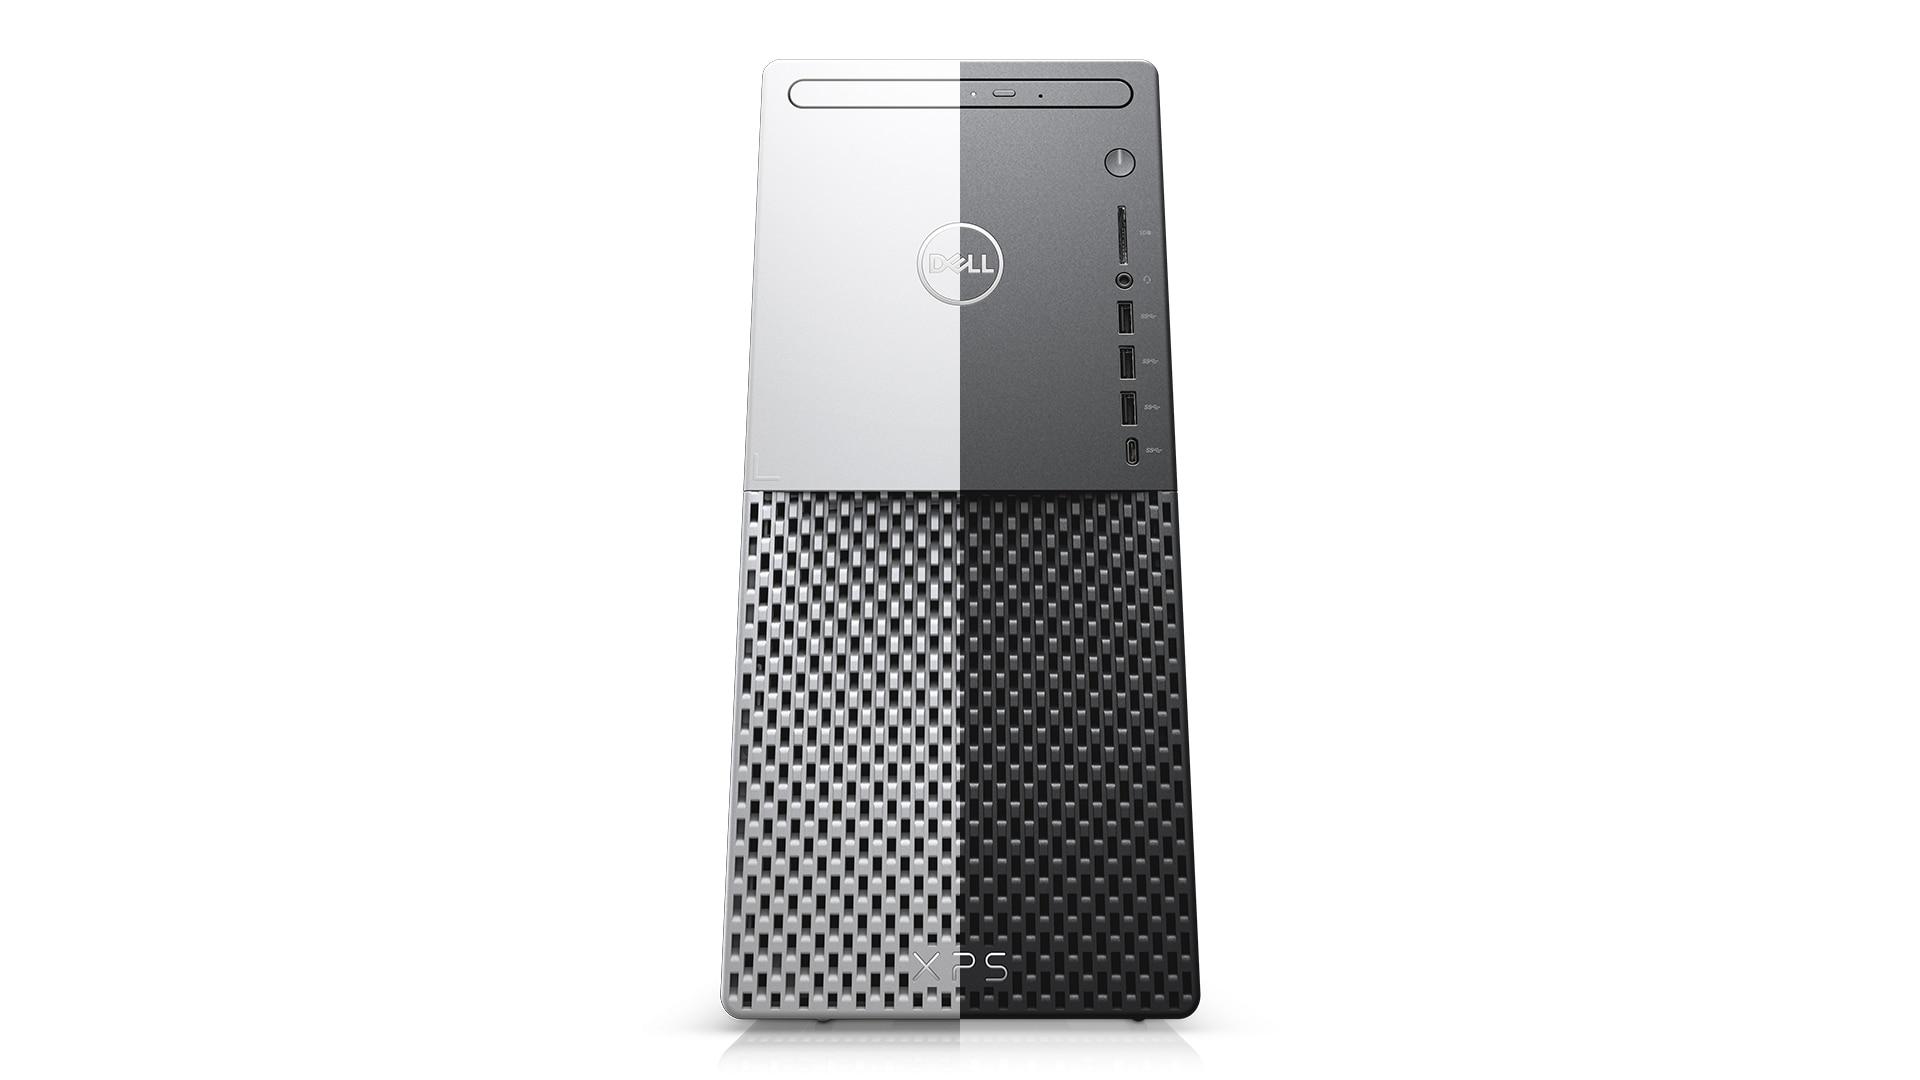 Dell XPS Desktop: i5-10400, 8GB, 256GB SSD + 1TB HDD, RX 5300, DVDRW $650 + free s/h